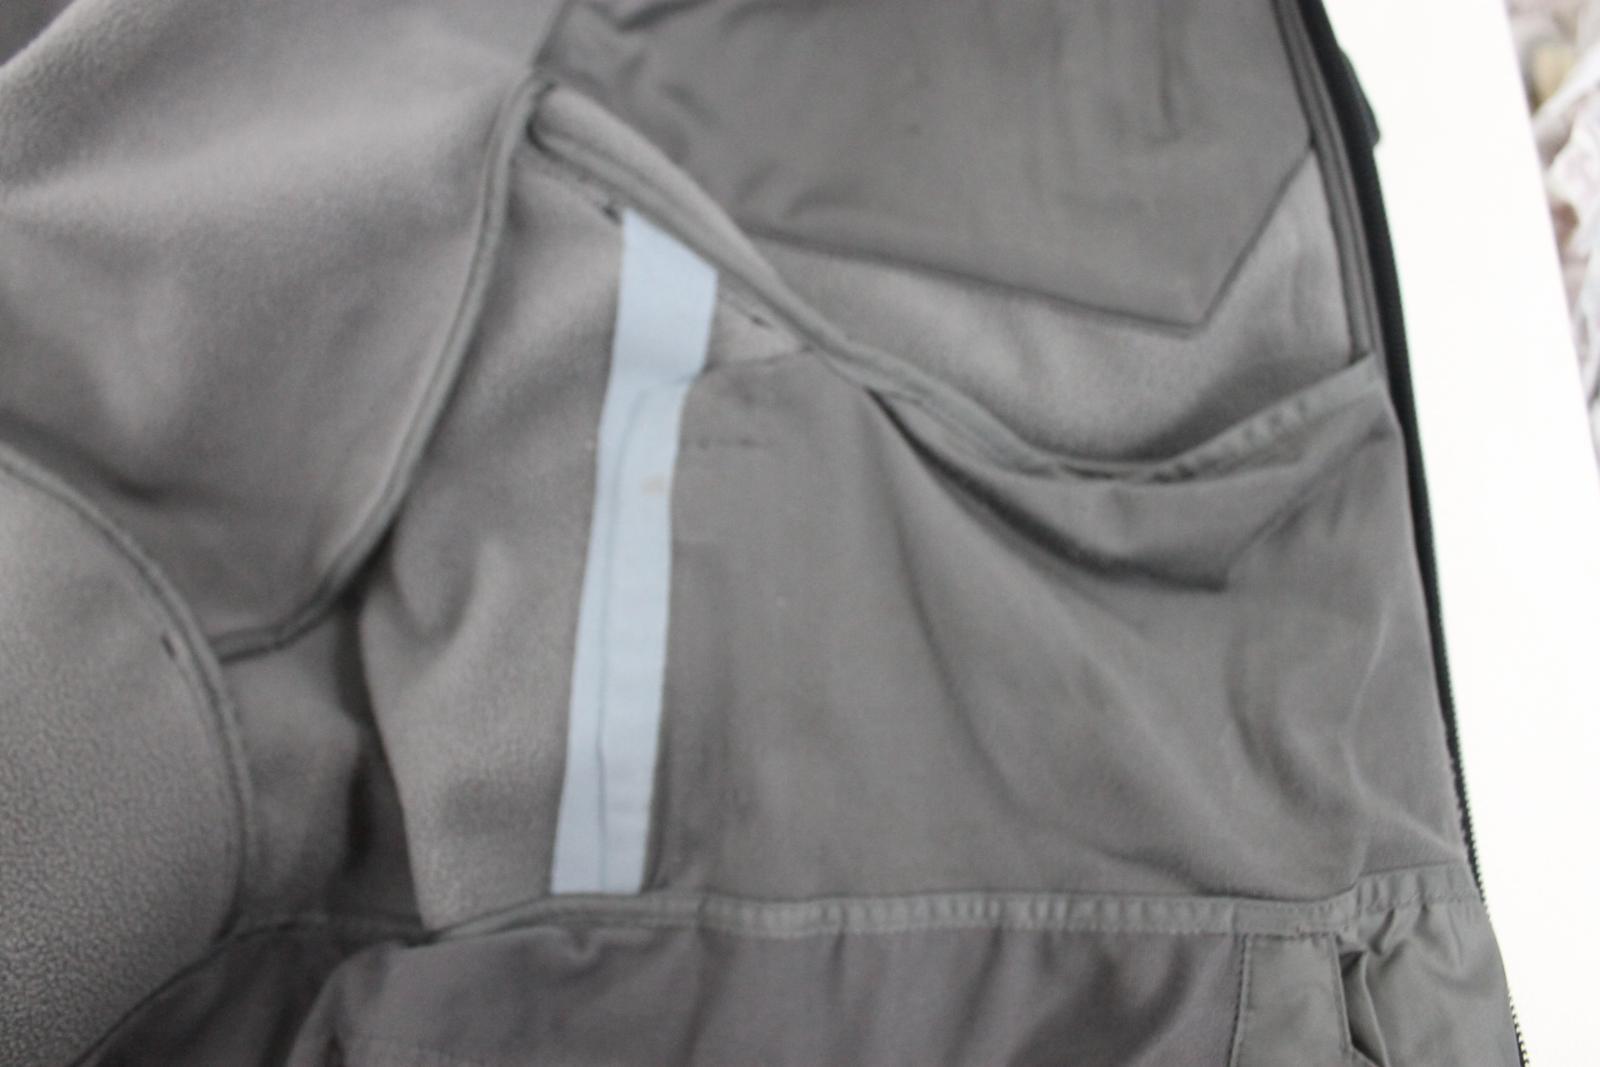 81aad948a57 Salomon Homme Isolé Noir Stretch Imperméable à Capuche Veste Ski ...